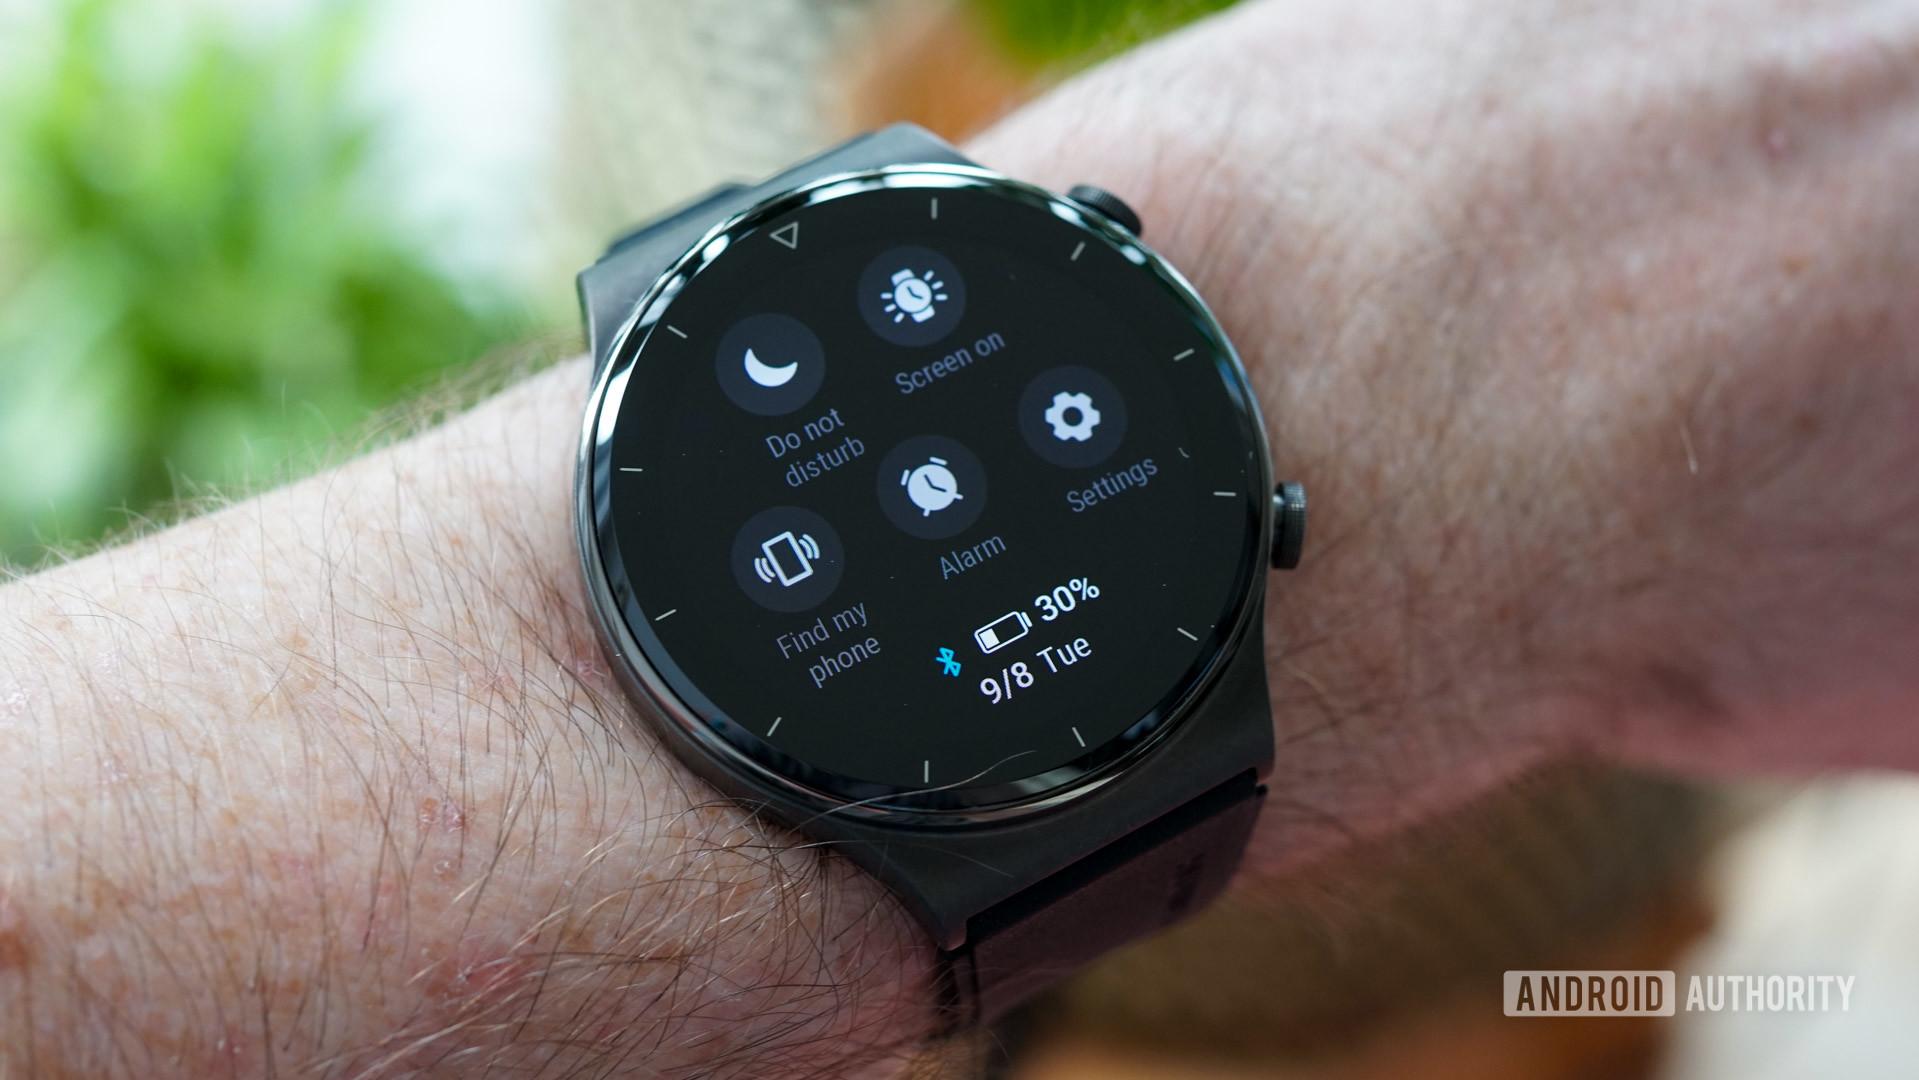 Huawei Watch GT 2 Pro quick settings